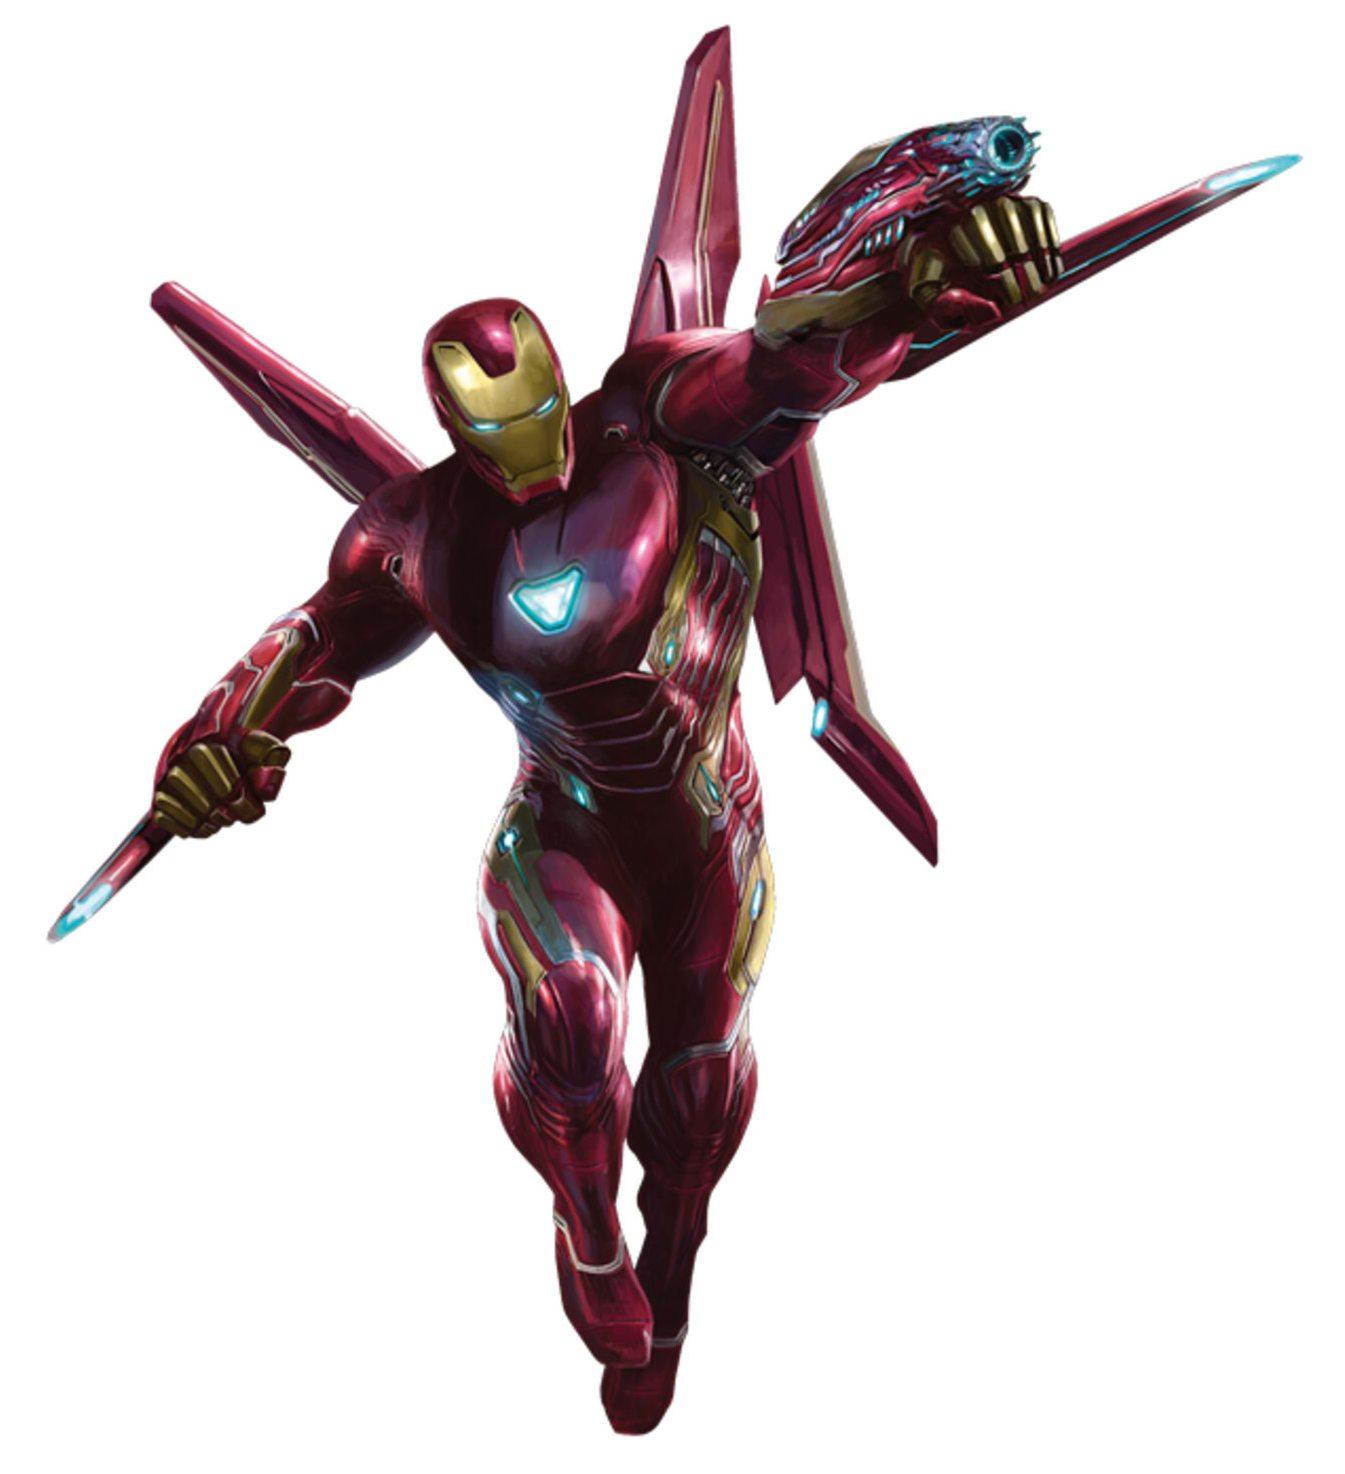 El arte promocional de Avengers: Infinity War ofrece una nueva mirada a los personajes de la superproducción de Marvel